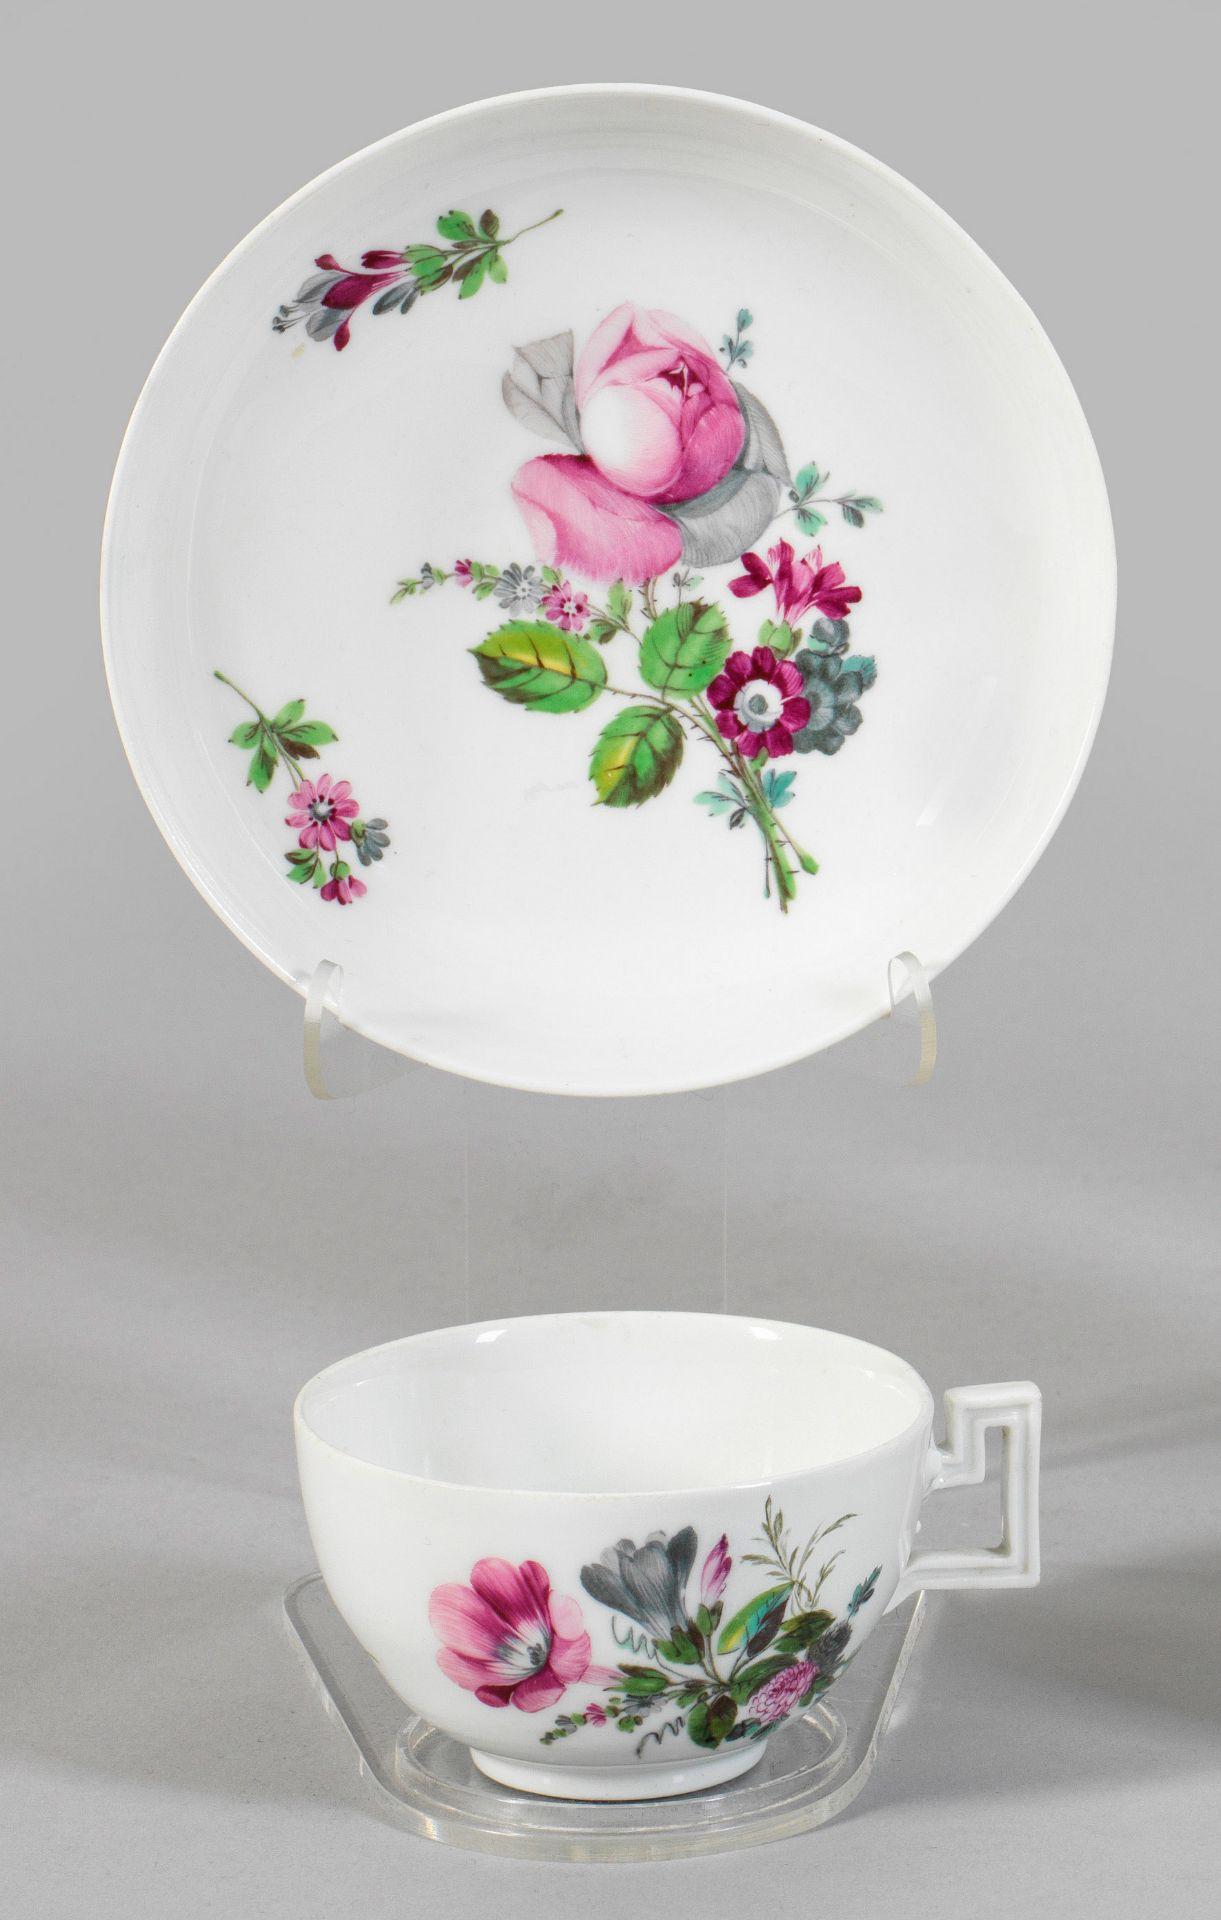 Ziertasse mit Blumendekor - Bild 2 aus 2